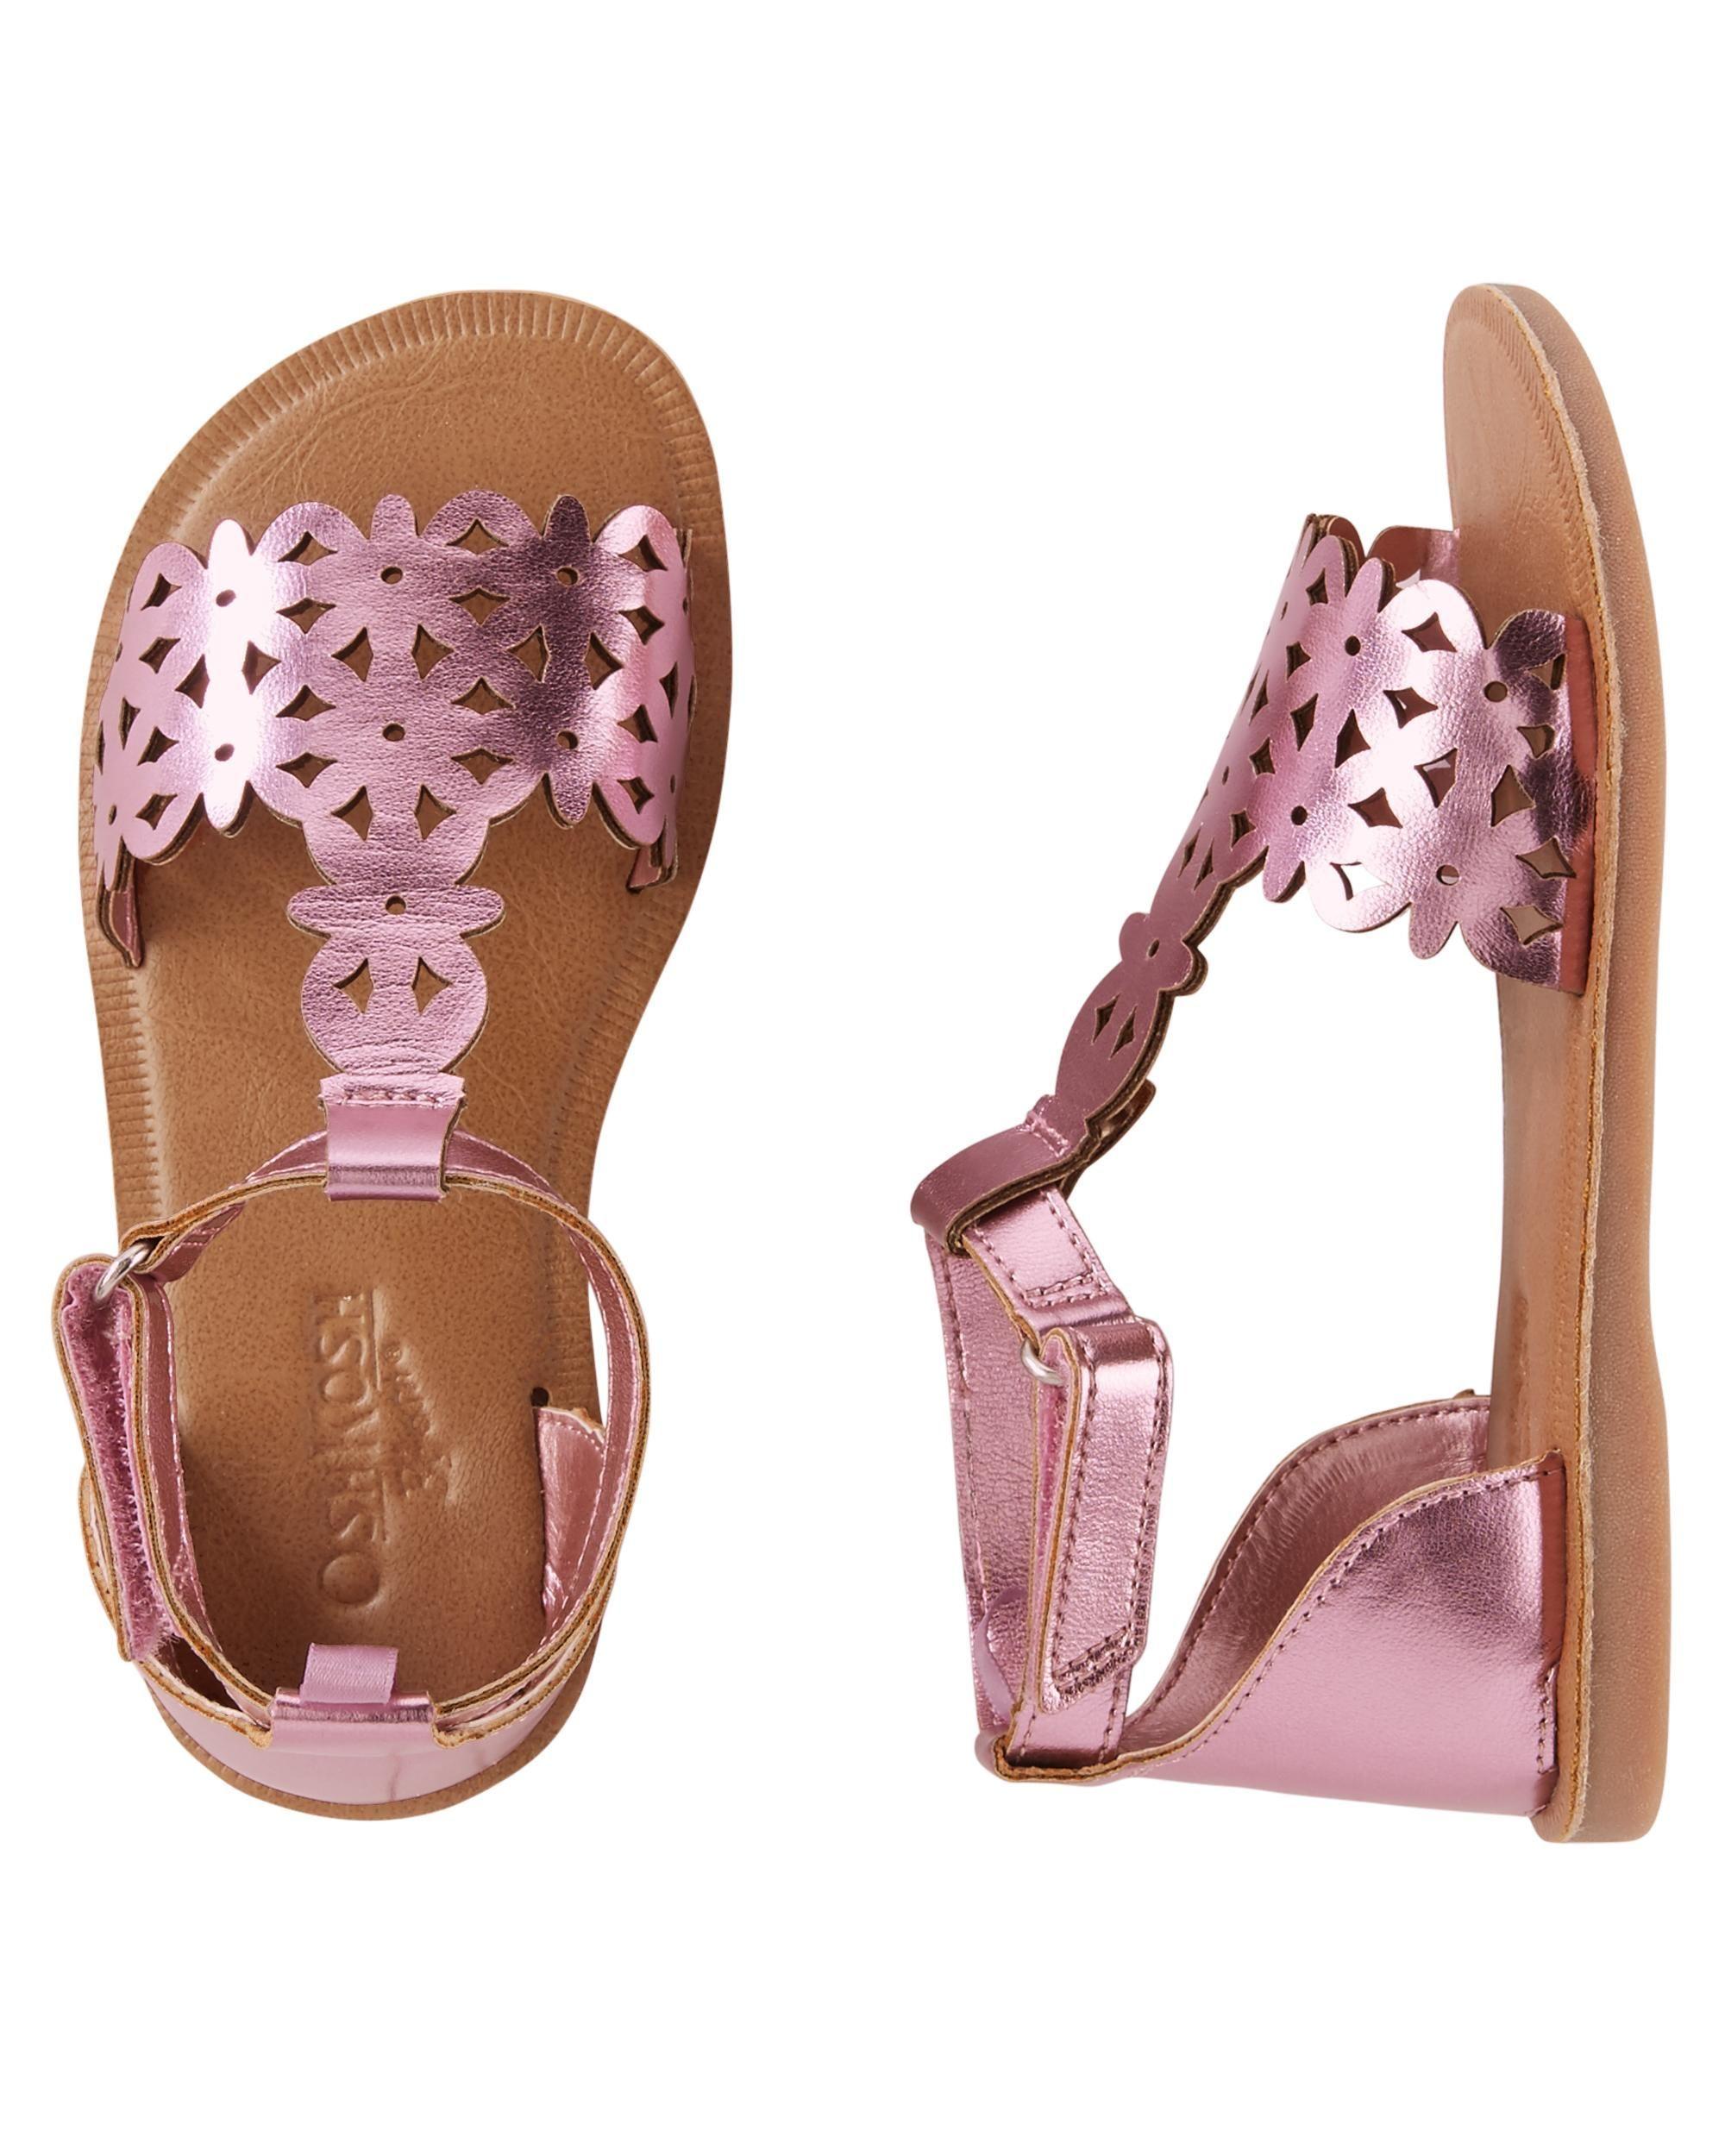 db251c64317f Toddler Girl OshKosh Metallic Sandals